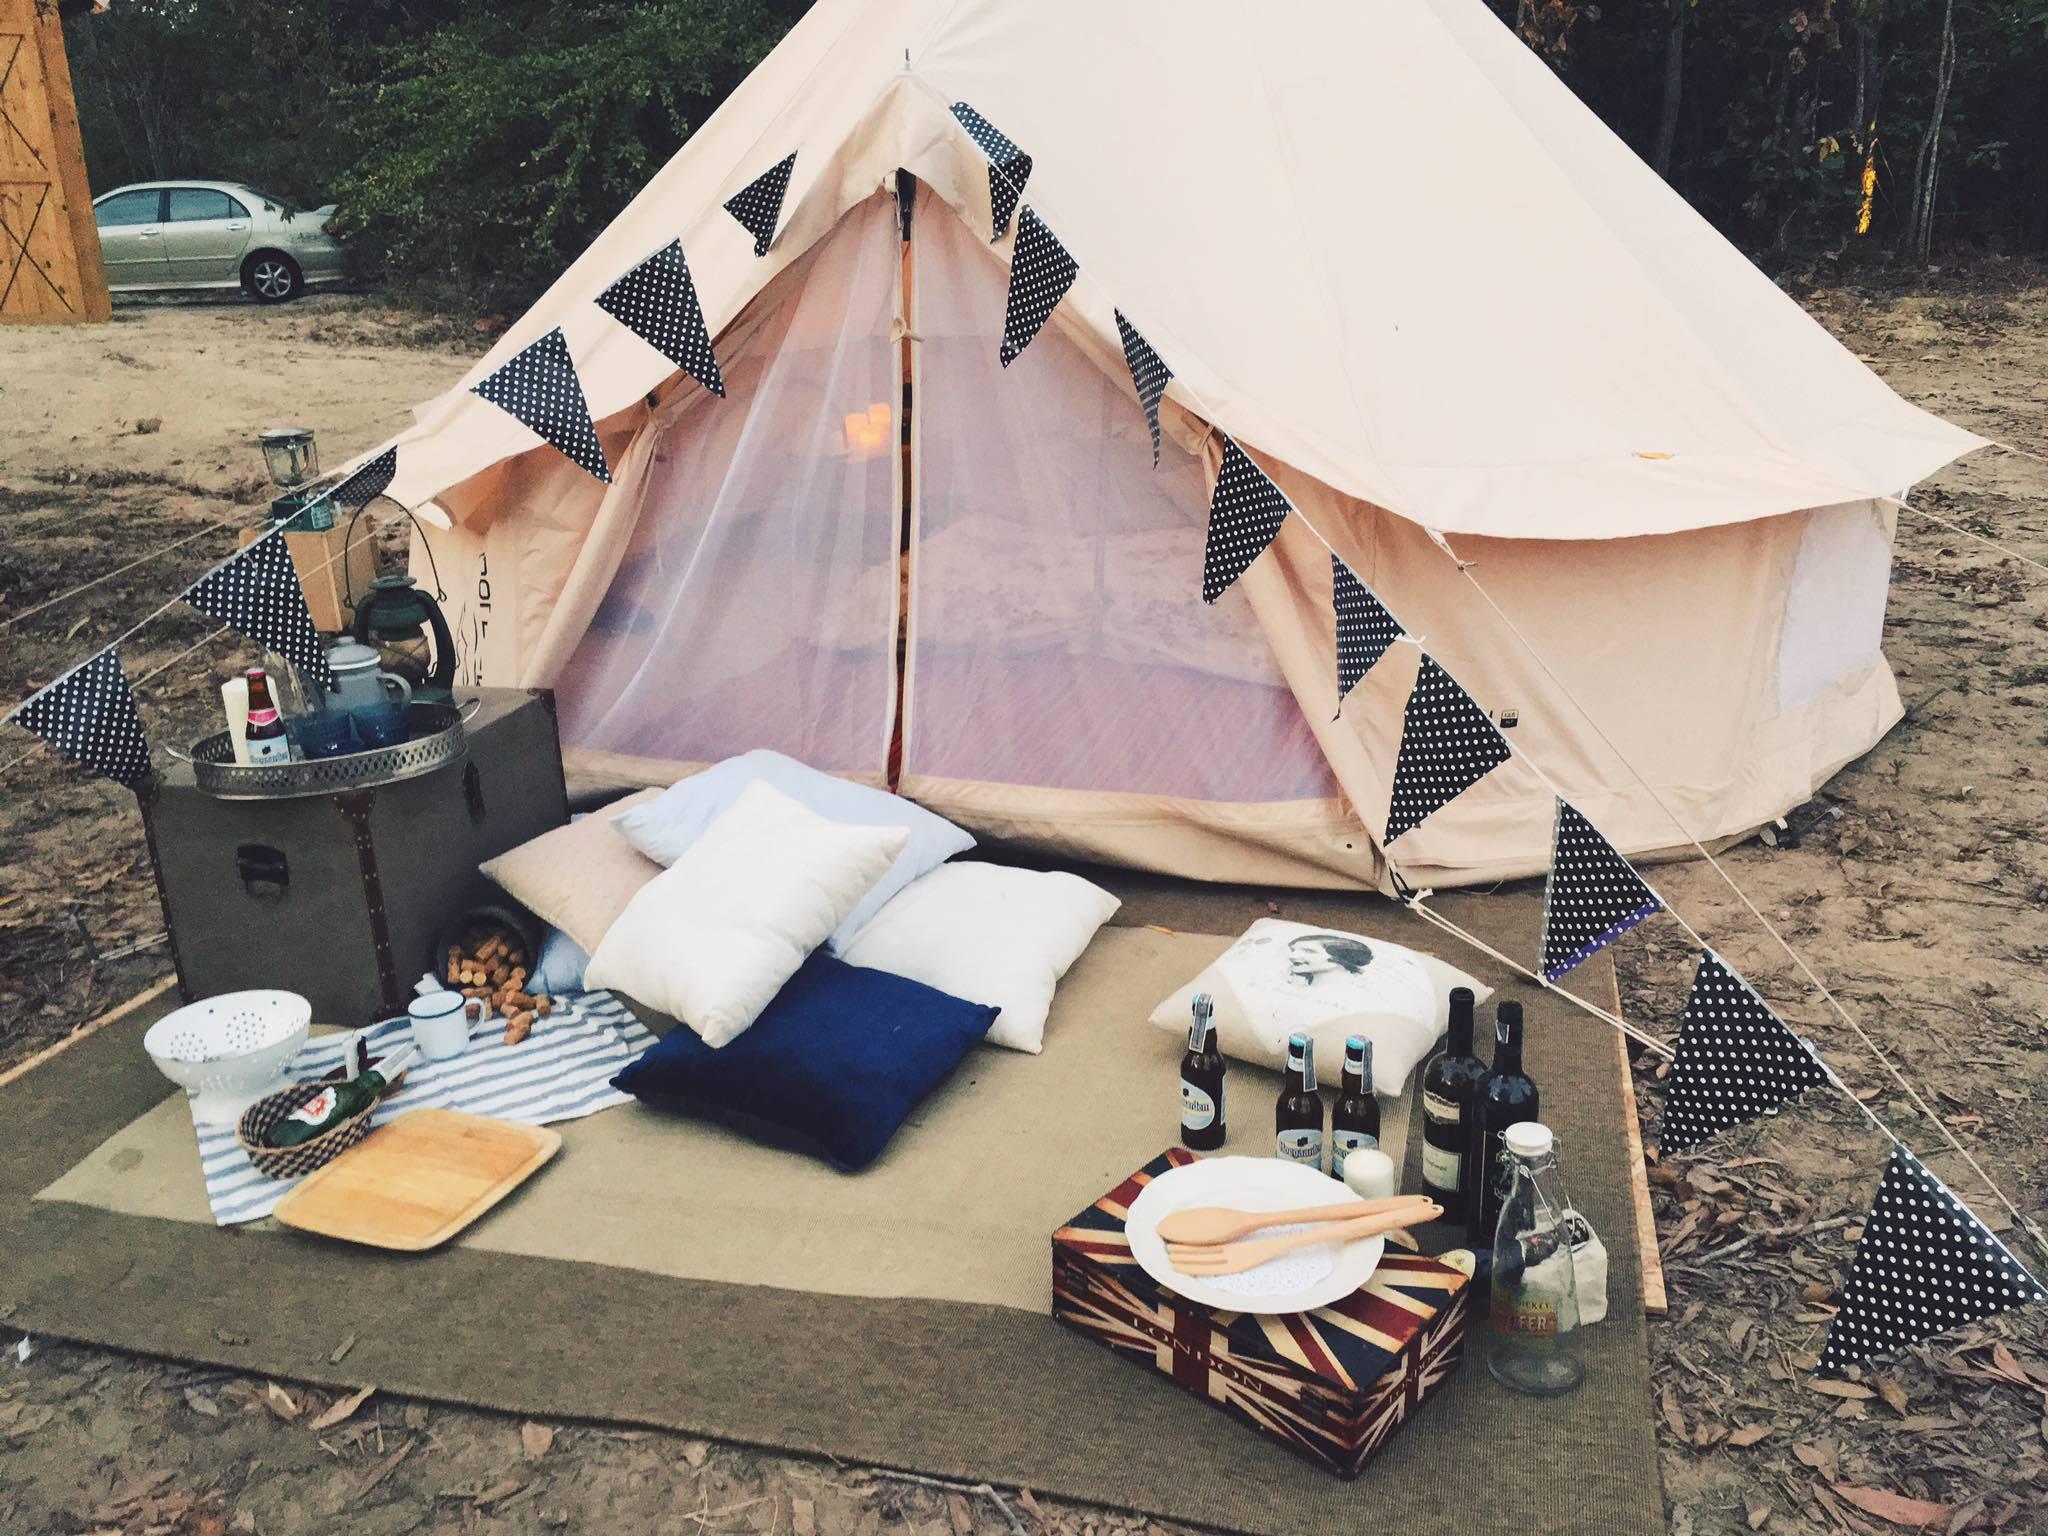 Đồ cắm trại - Những vật dụng không thể bỏ qua